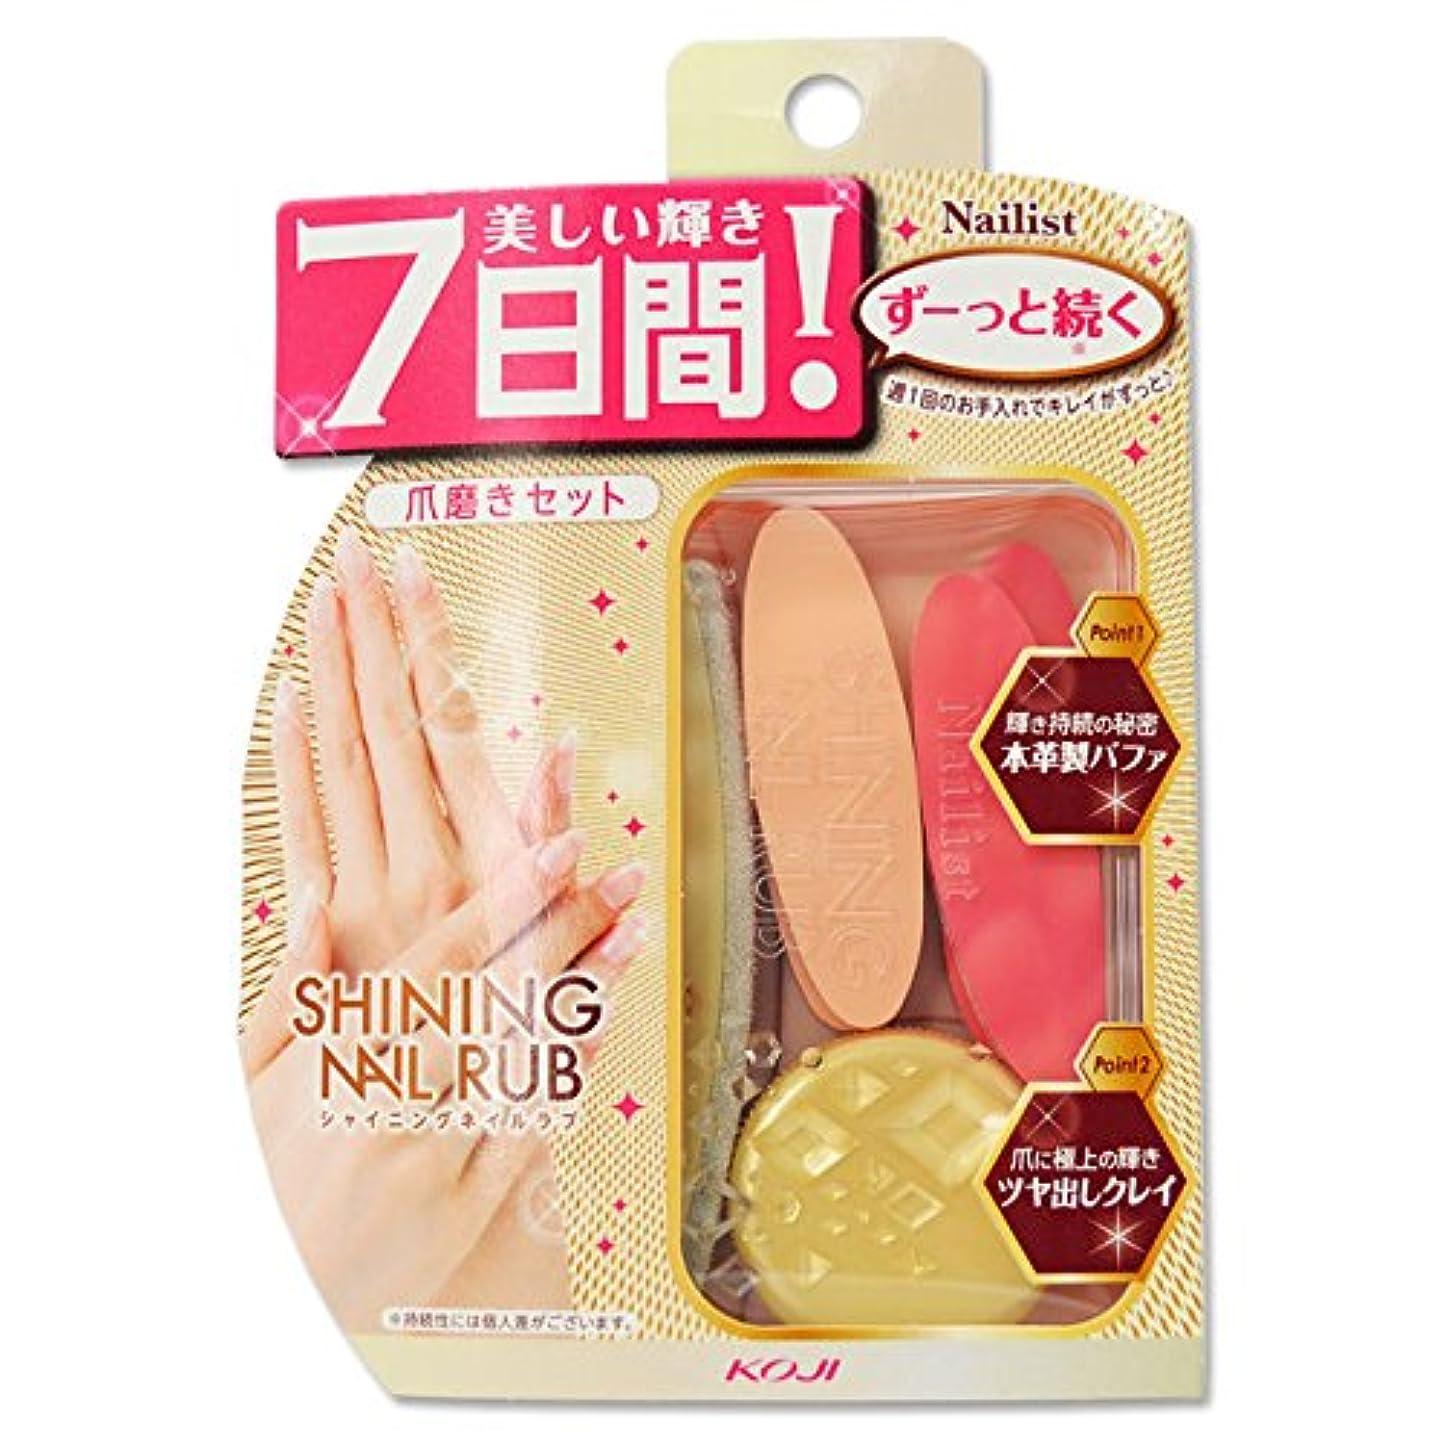 致命的災難製品コージー ネイリスト シャイニングネイルラブ 爪磨きセット 2AL6811